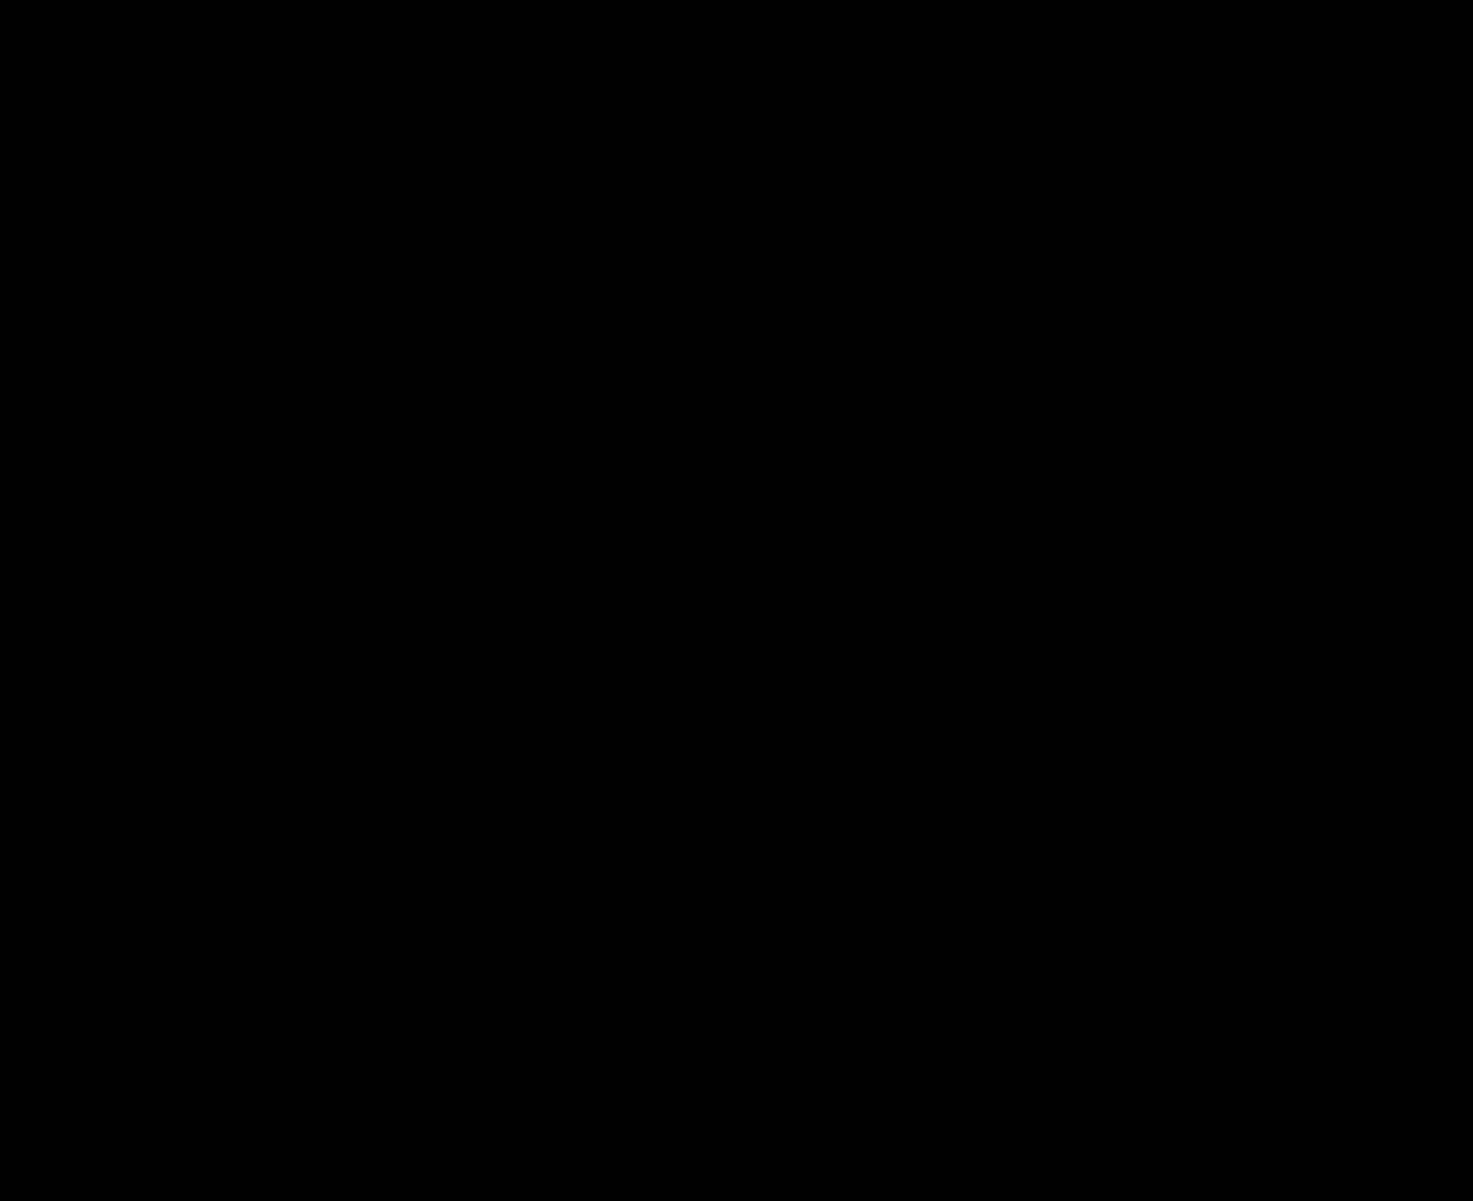 Fortnite Clipart Fortnite Svg Fortnite Silhouette Fortnite Png Fortnite Font Fortnite Skin Png In 2020 Clip Art Svg Fortnite